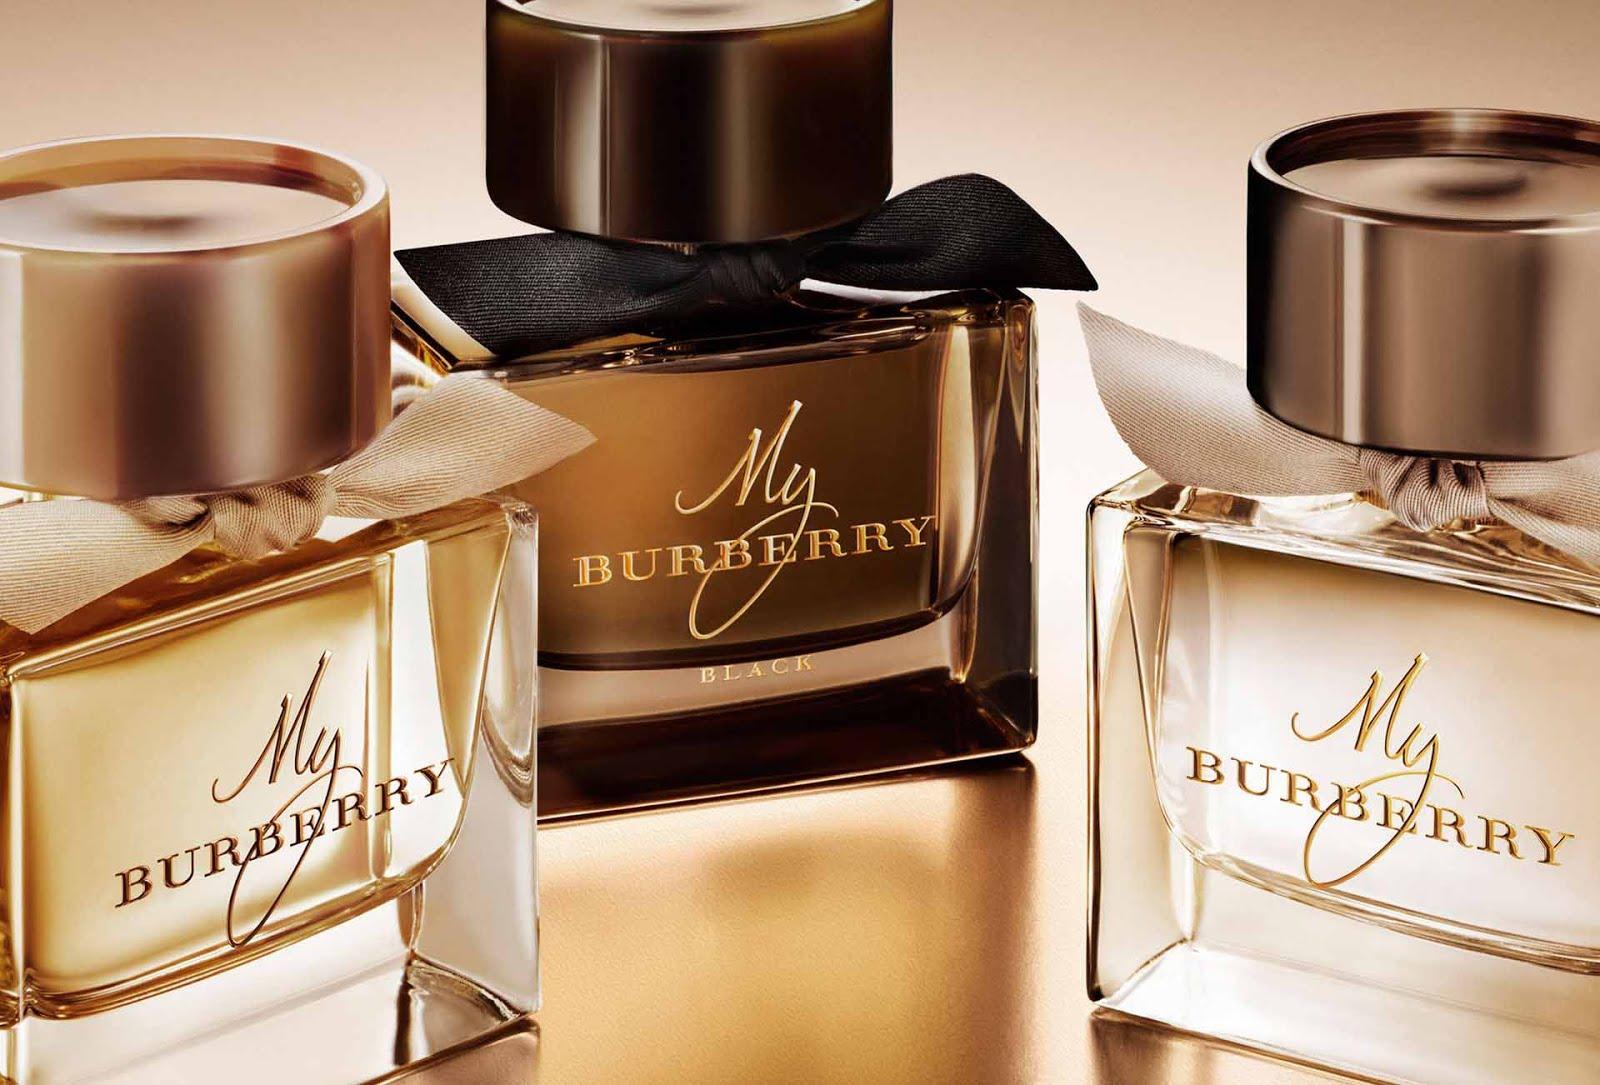 Parfumuri noi dama Burberry originale online preturi mici